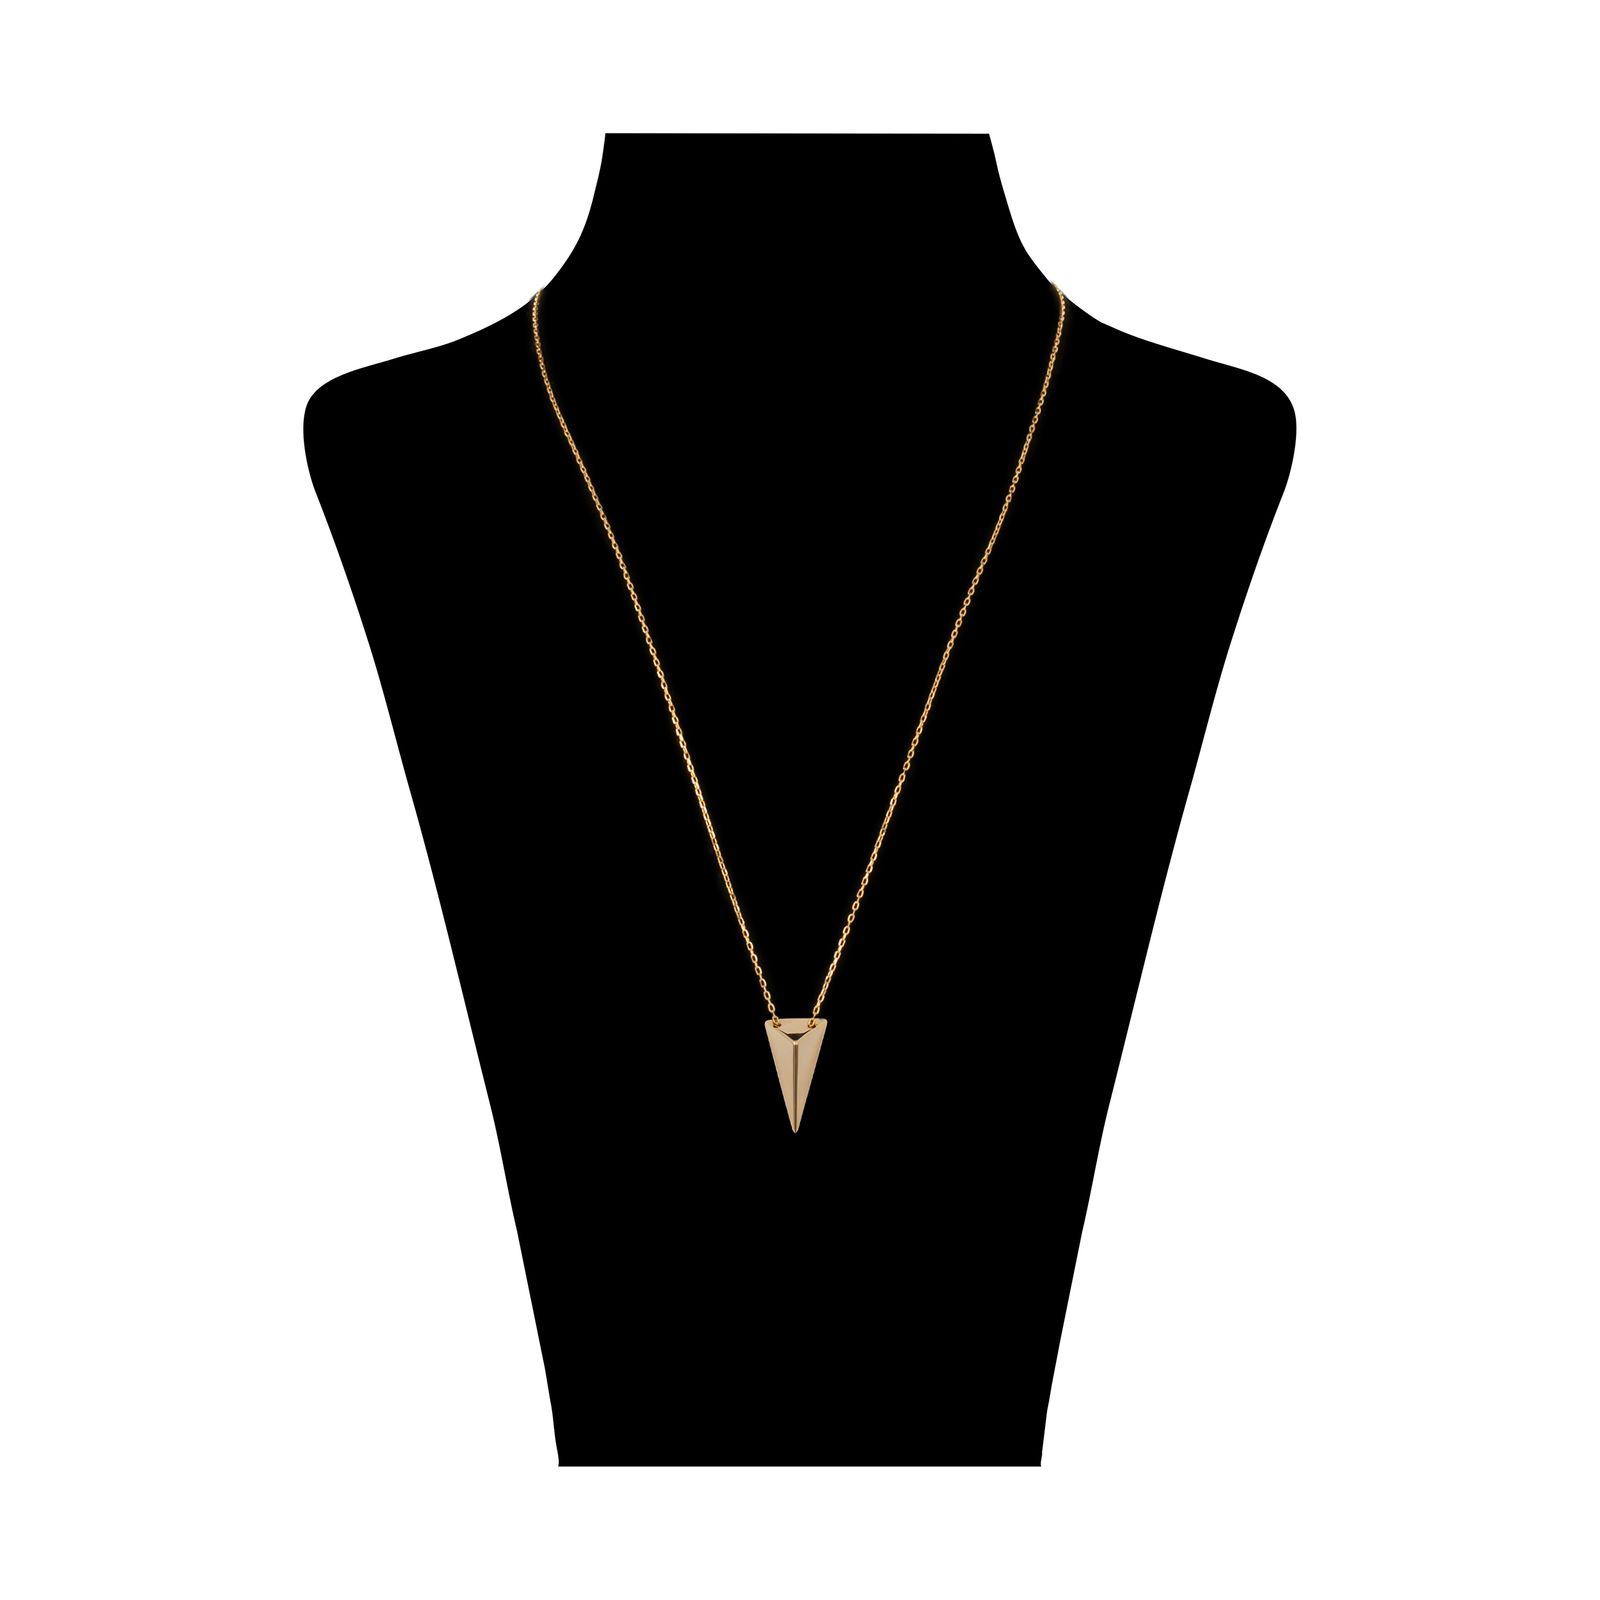 گردنبند طلا 18 عیار زنانه سنجاق مدل X074732 -  - 2